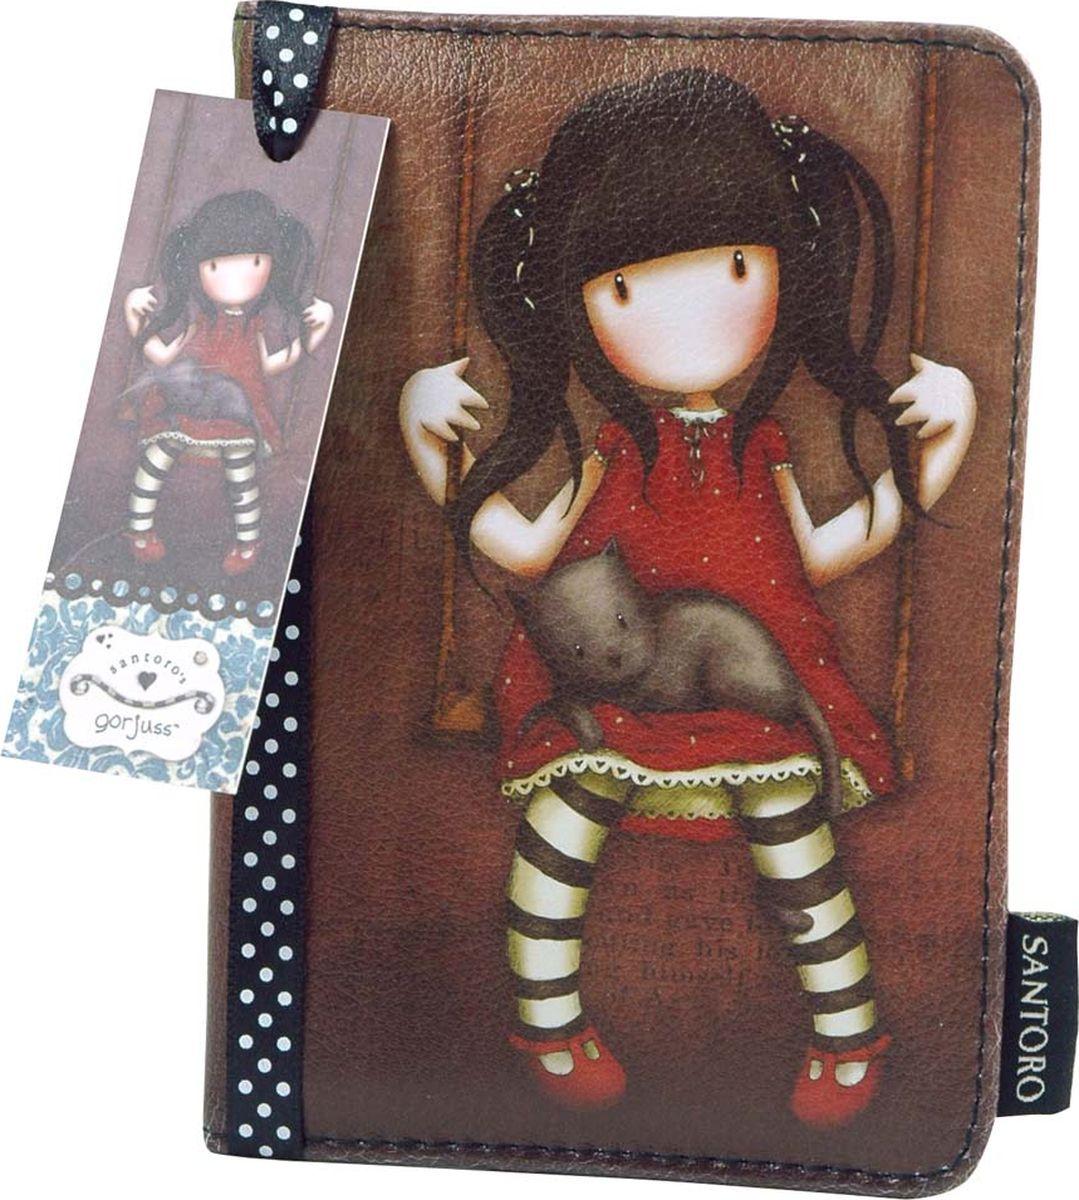 Обложка для паспорта для девочки Santoro Ruby, цвет: коричневый. 0012079ПолиэстерВ любом путешествии важно бережно хранить две вещи: себя и документы. Мы верим в то, что ты сохранишь себя такой, какая ты есть. Для сохранения остального есть оригинальная обложка на паспорт Gorjuss «Ruby». Внутри обложки есть специальные кармашки для хранения карточек-визиток, и прочих необходимых в путешествии важностей.